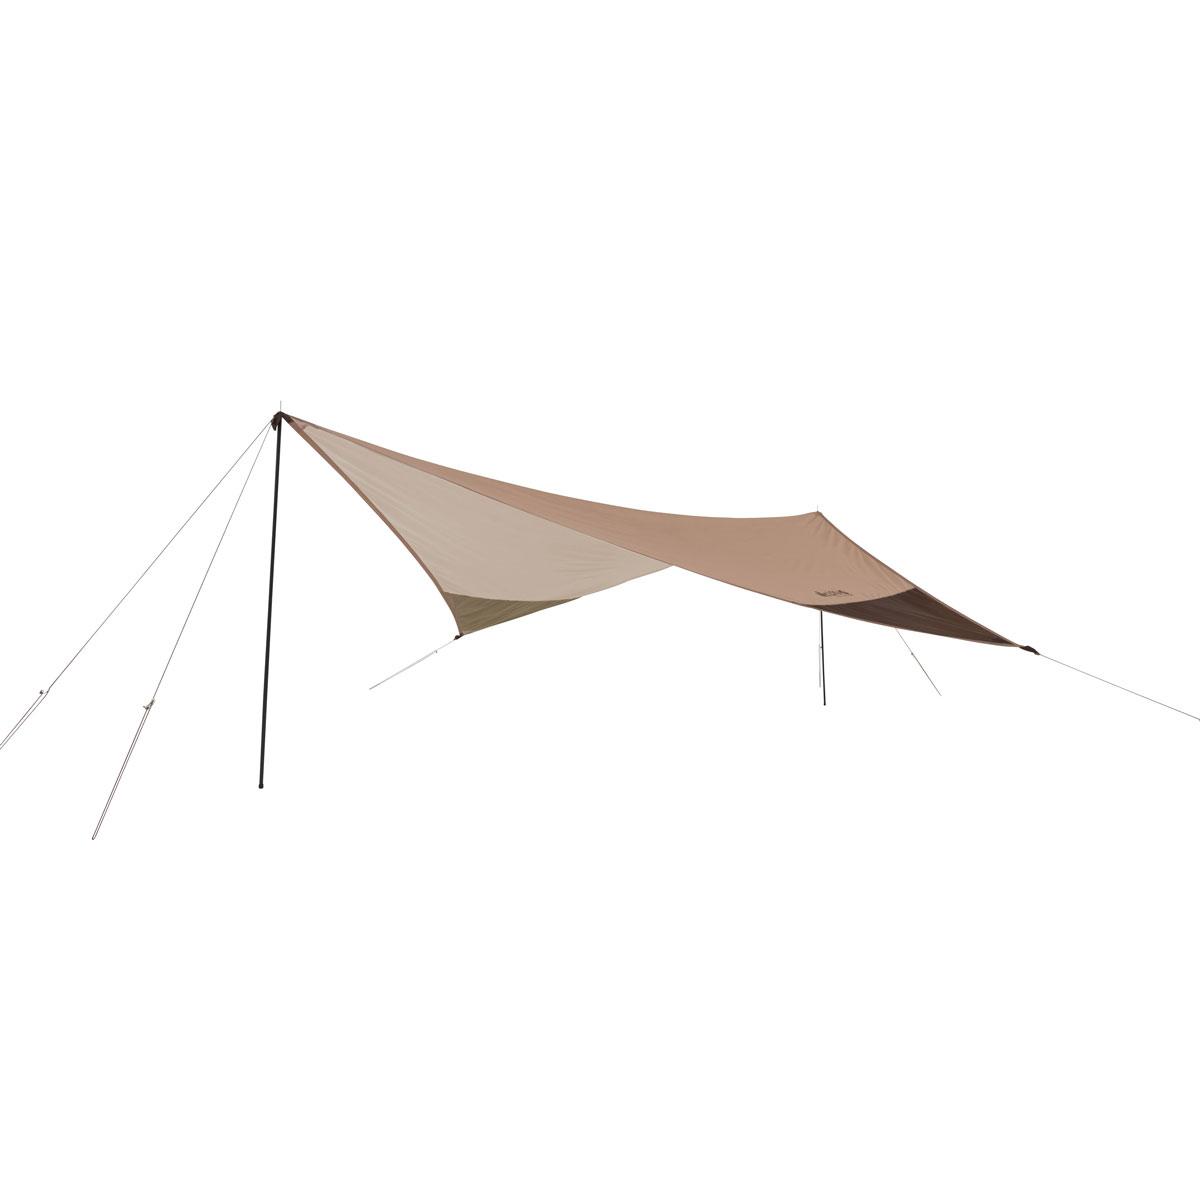 ロゴス(LOGOS) タープ neos ツーリングタープ-BJ 71805558 テント キャンプ アウトドア